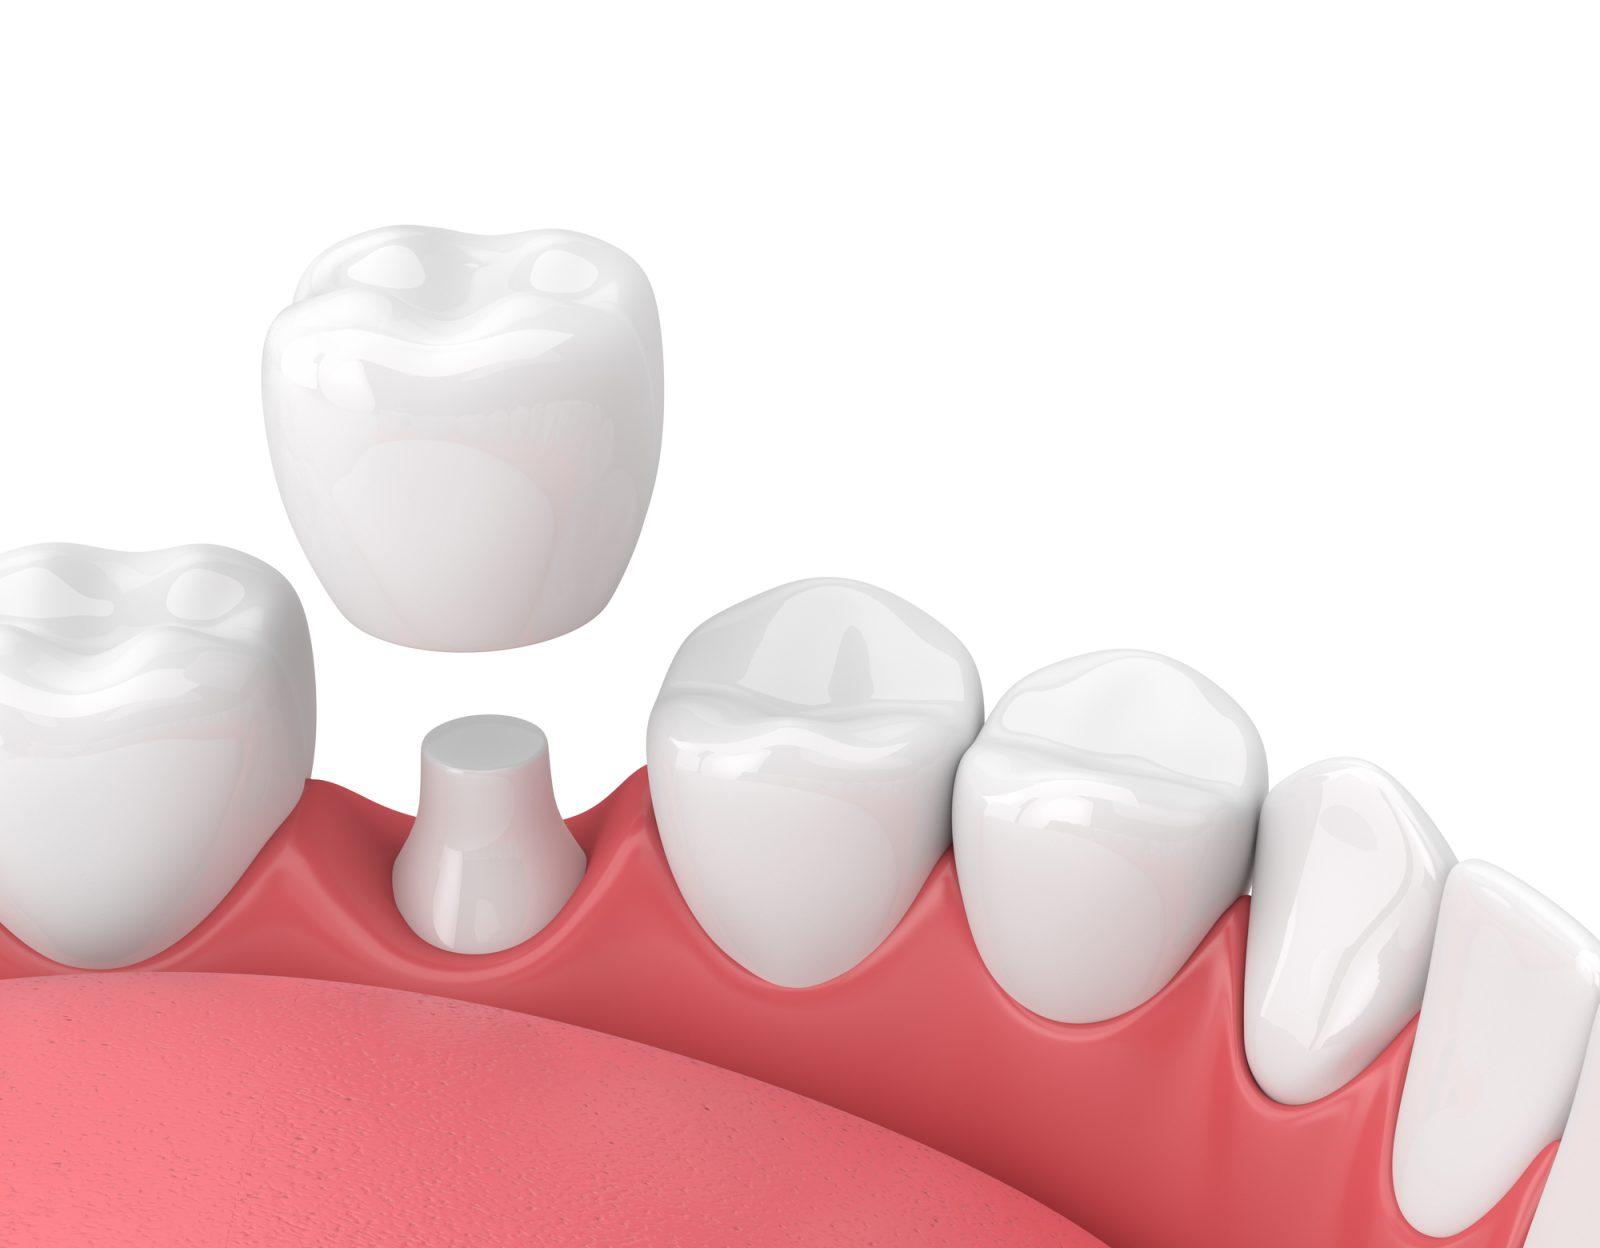 Implant dentaire : quelles sont les contres indications ?